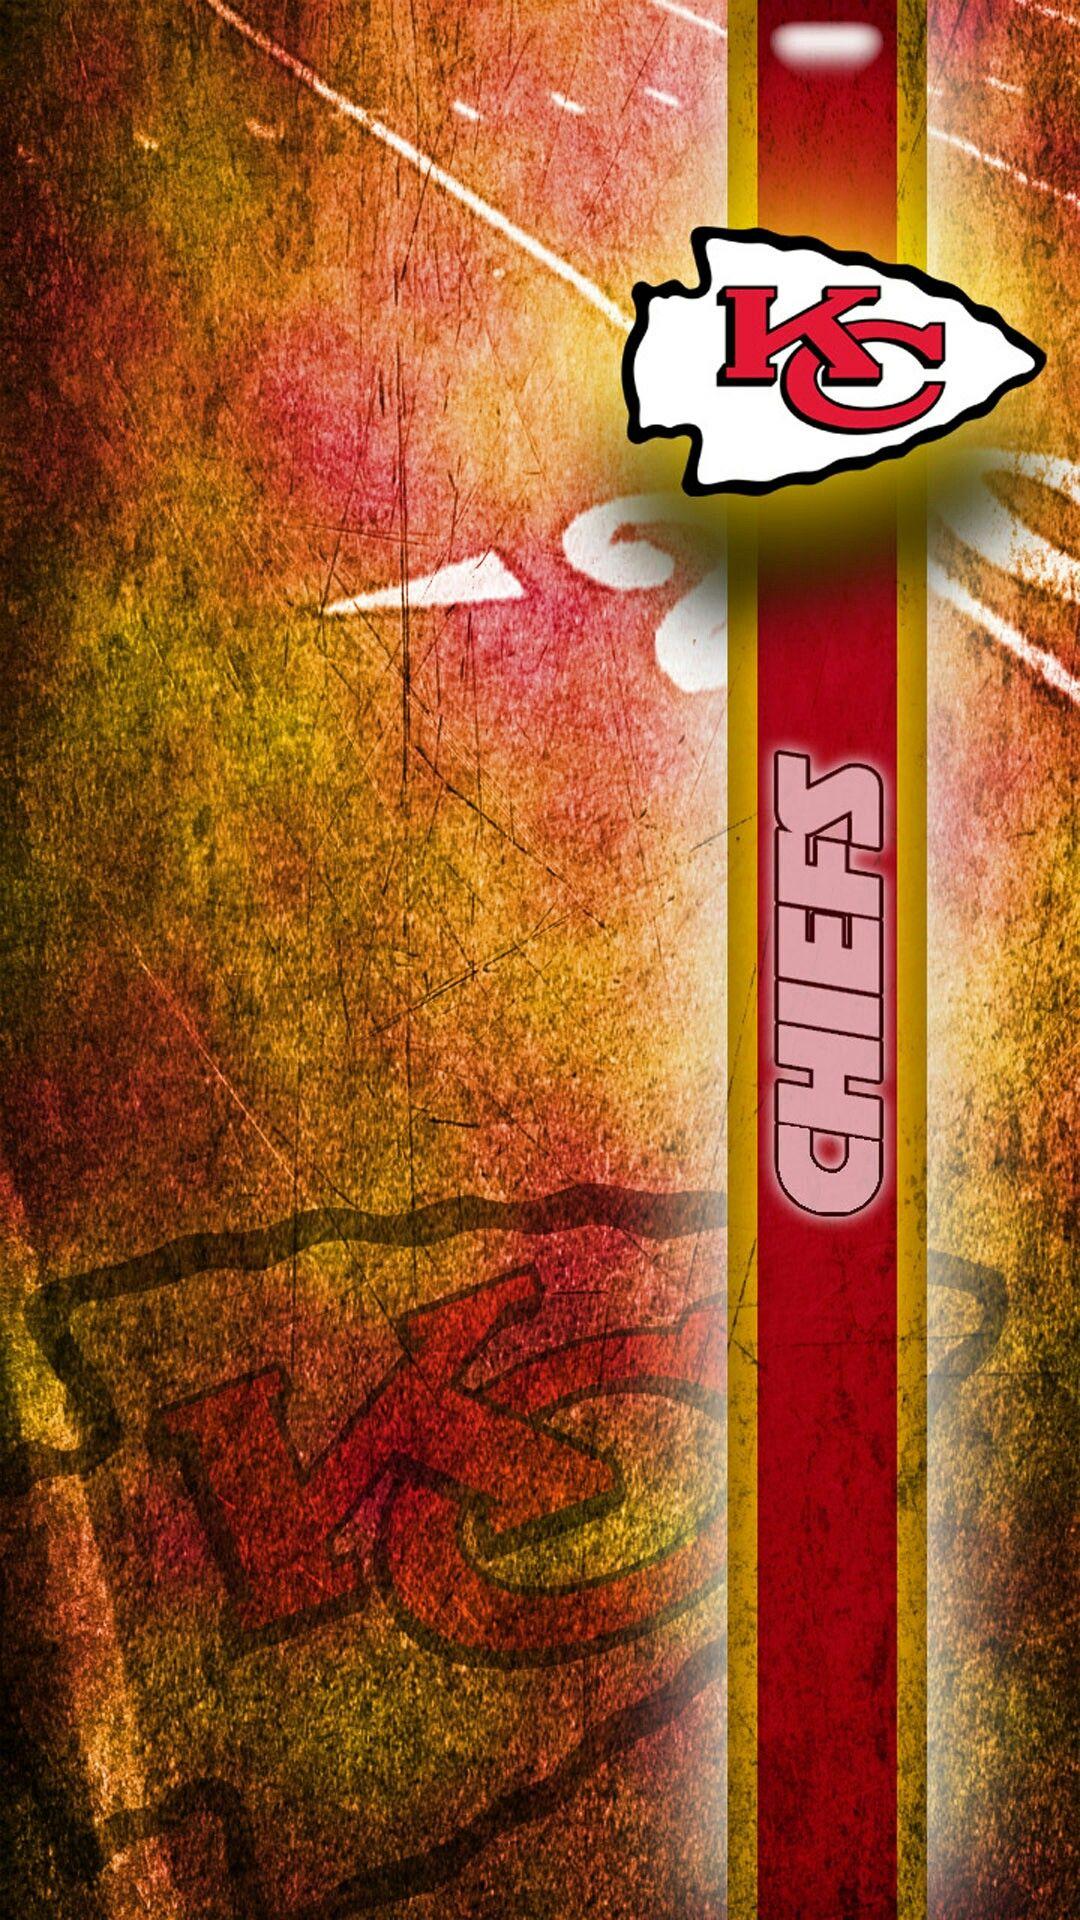 Go Chiefs Chiefs wallpaper, Kansas city chiefs football